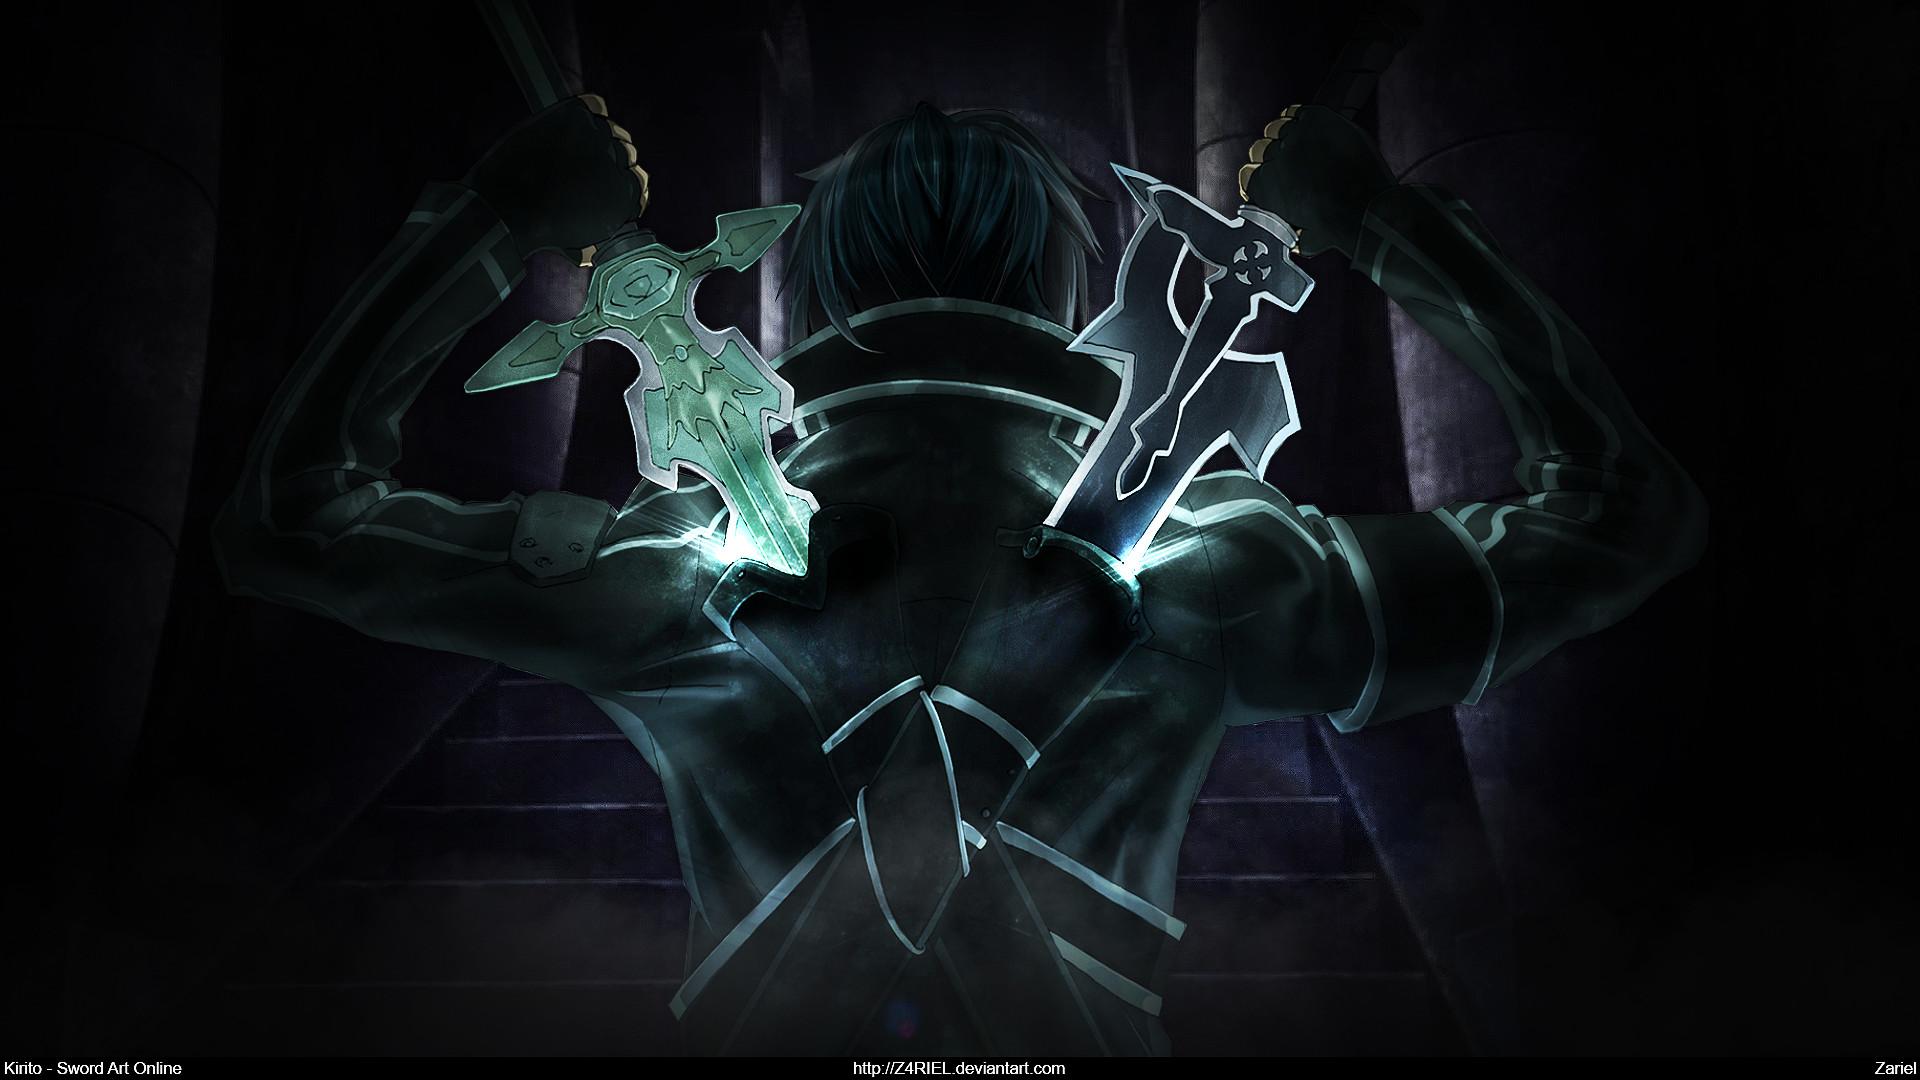 ... Sword Art Online - Kirito Dual Blades [Wallpaper] by Z4RIEL 1920x1080